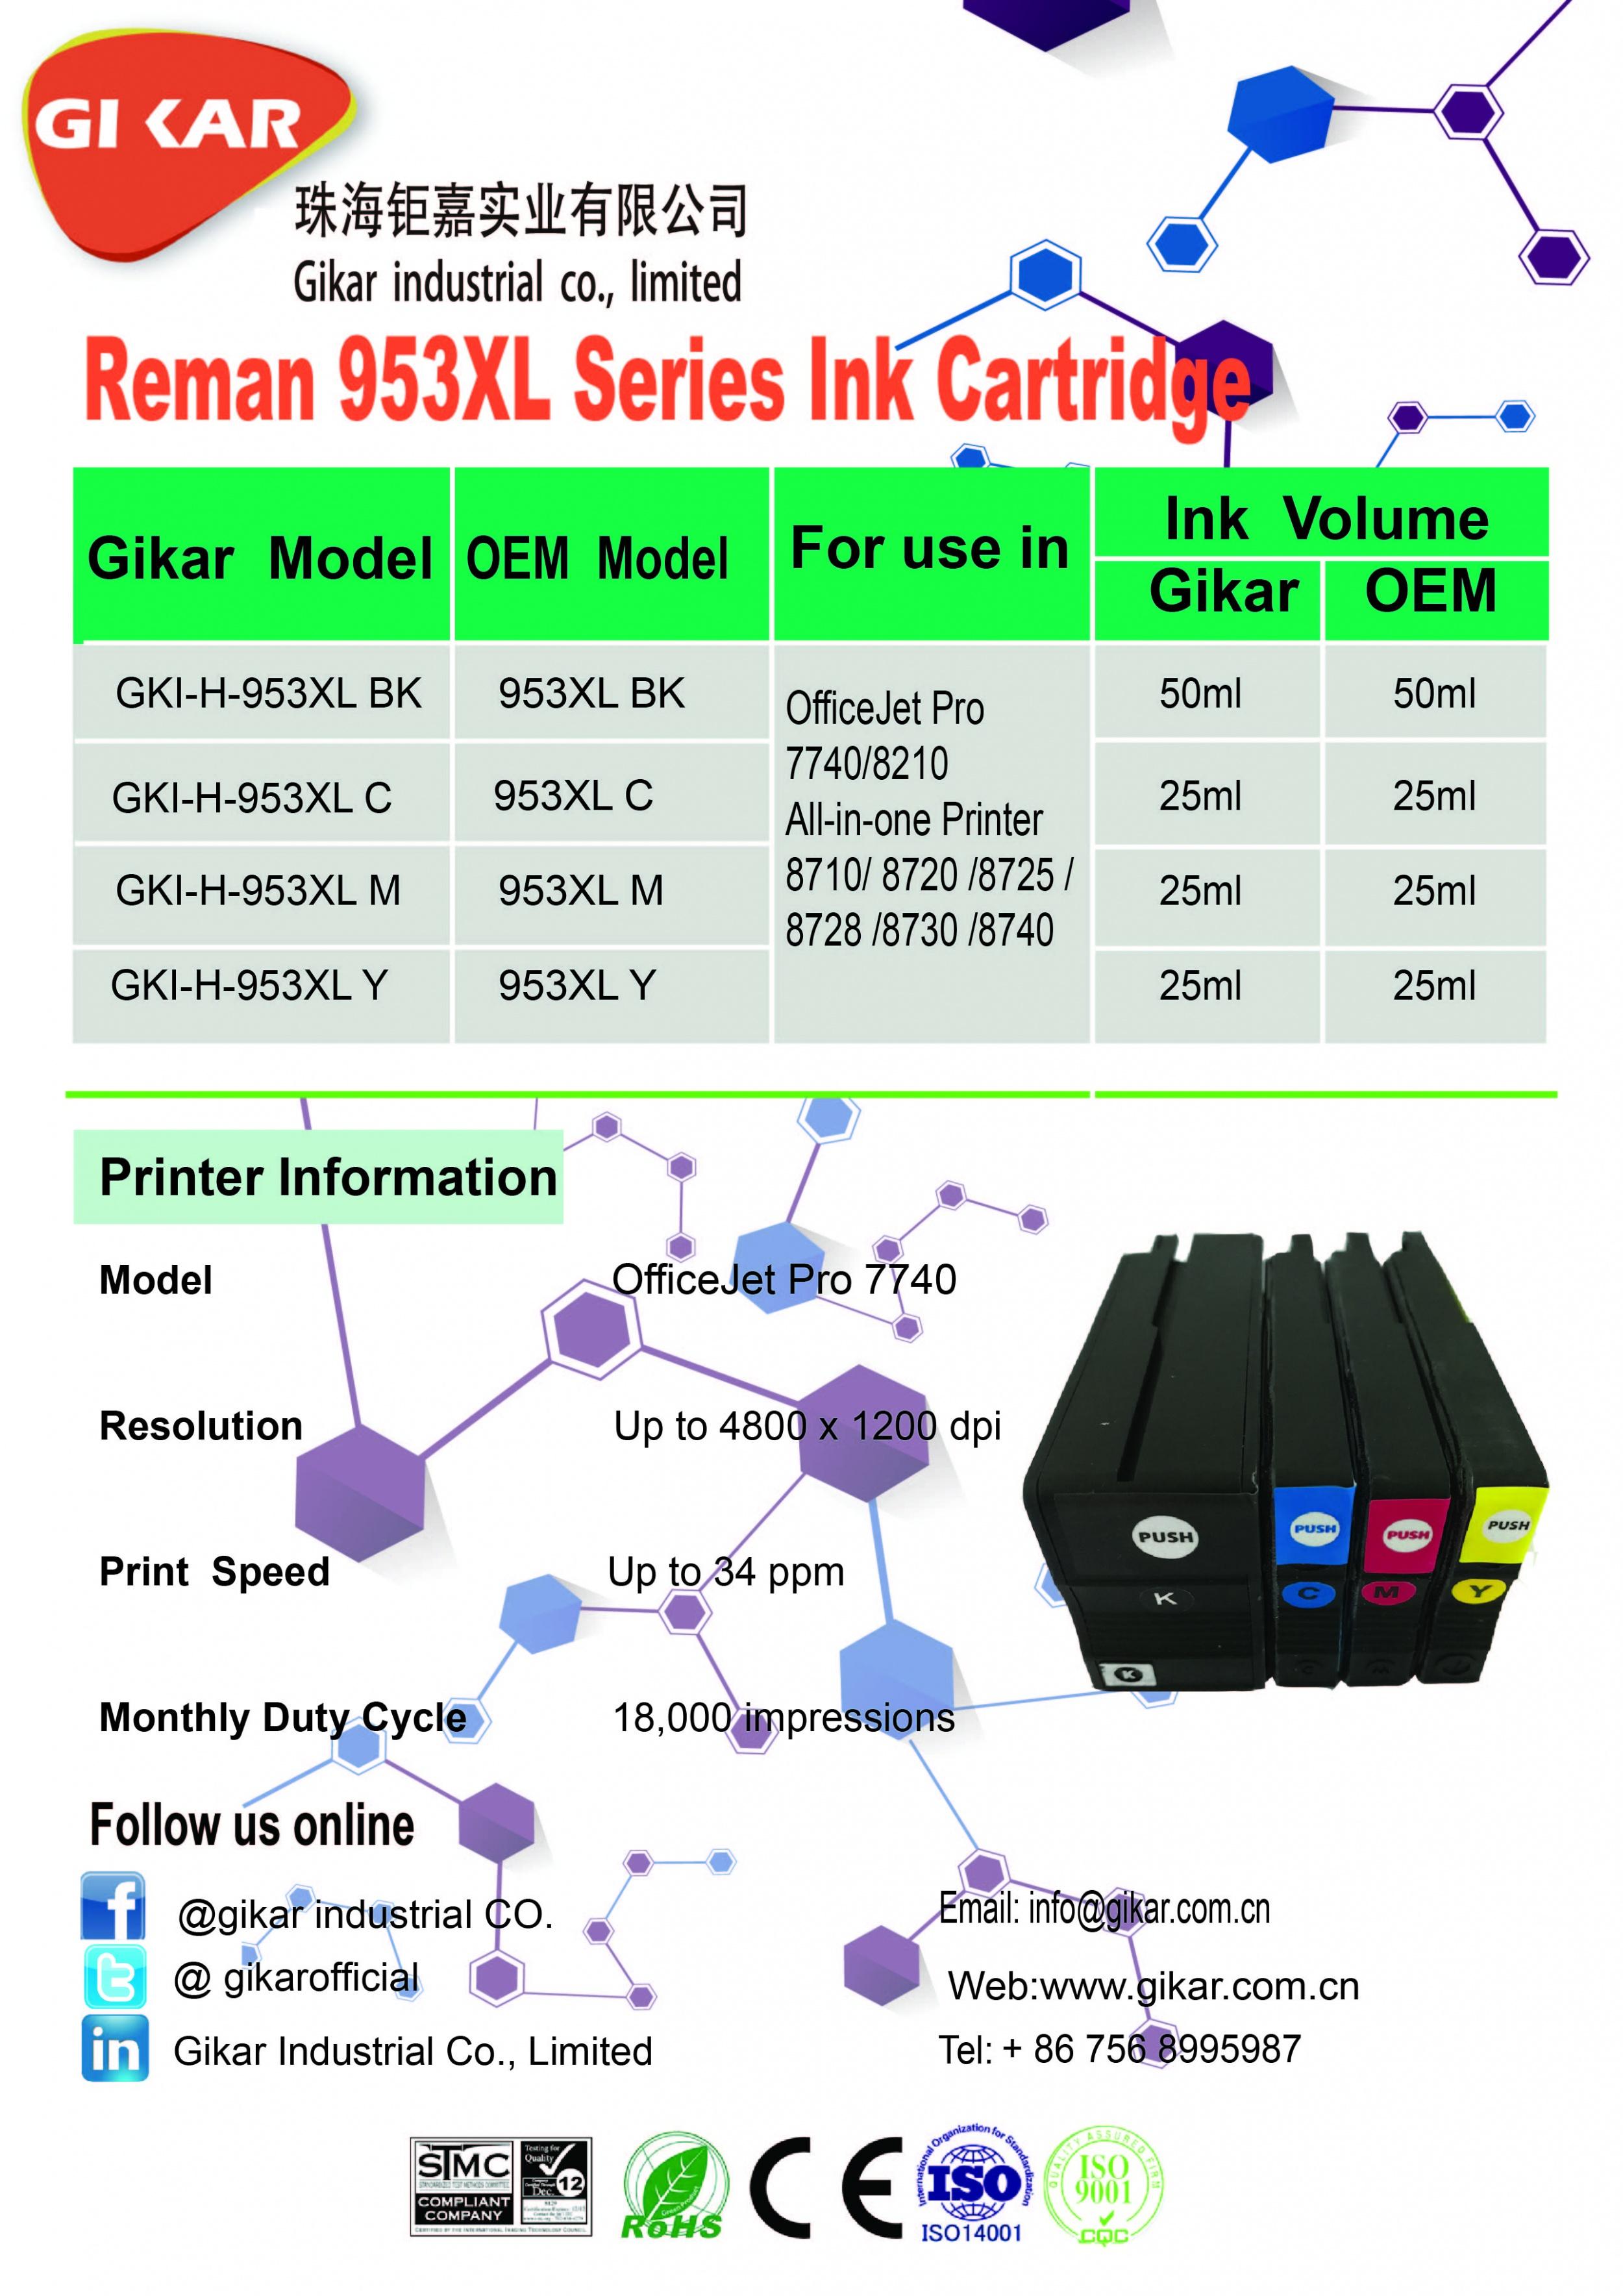 钜嘉实业成功推出再生953XL系列带头墨盒